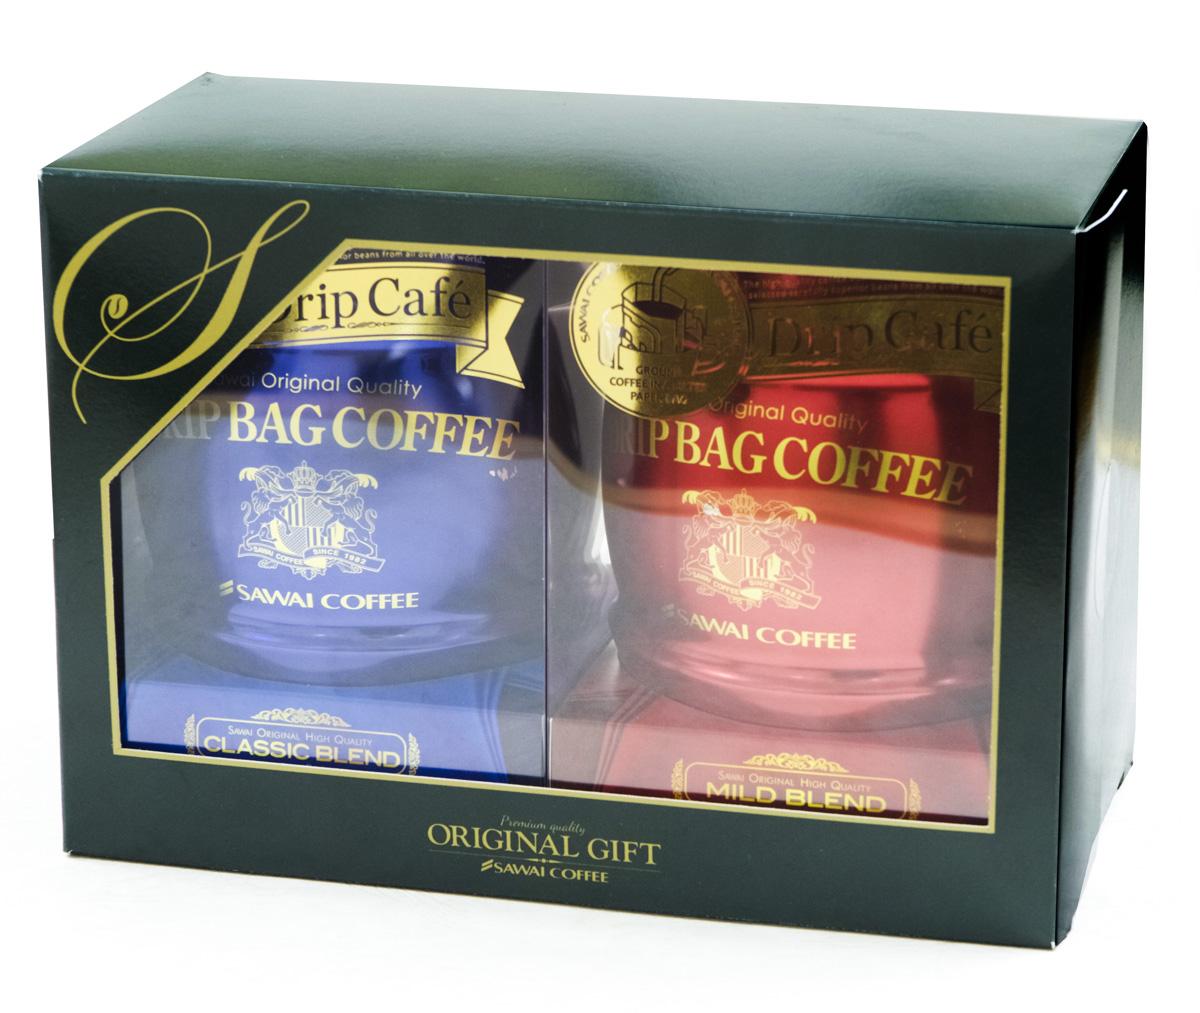 澤井咖啡樽罐掛耳咖啡2入禮盒 經典.溫和.香醇口味可任選.買一罐送一罐